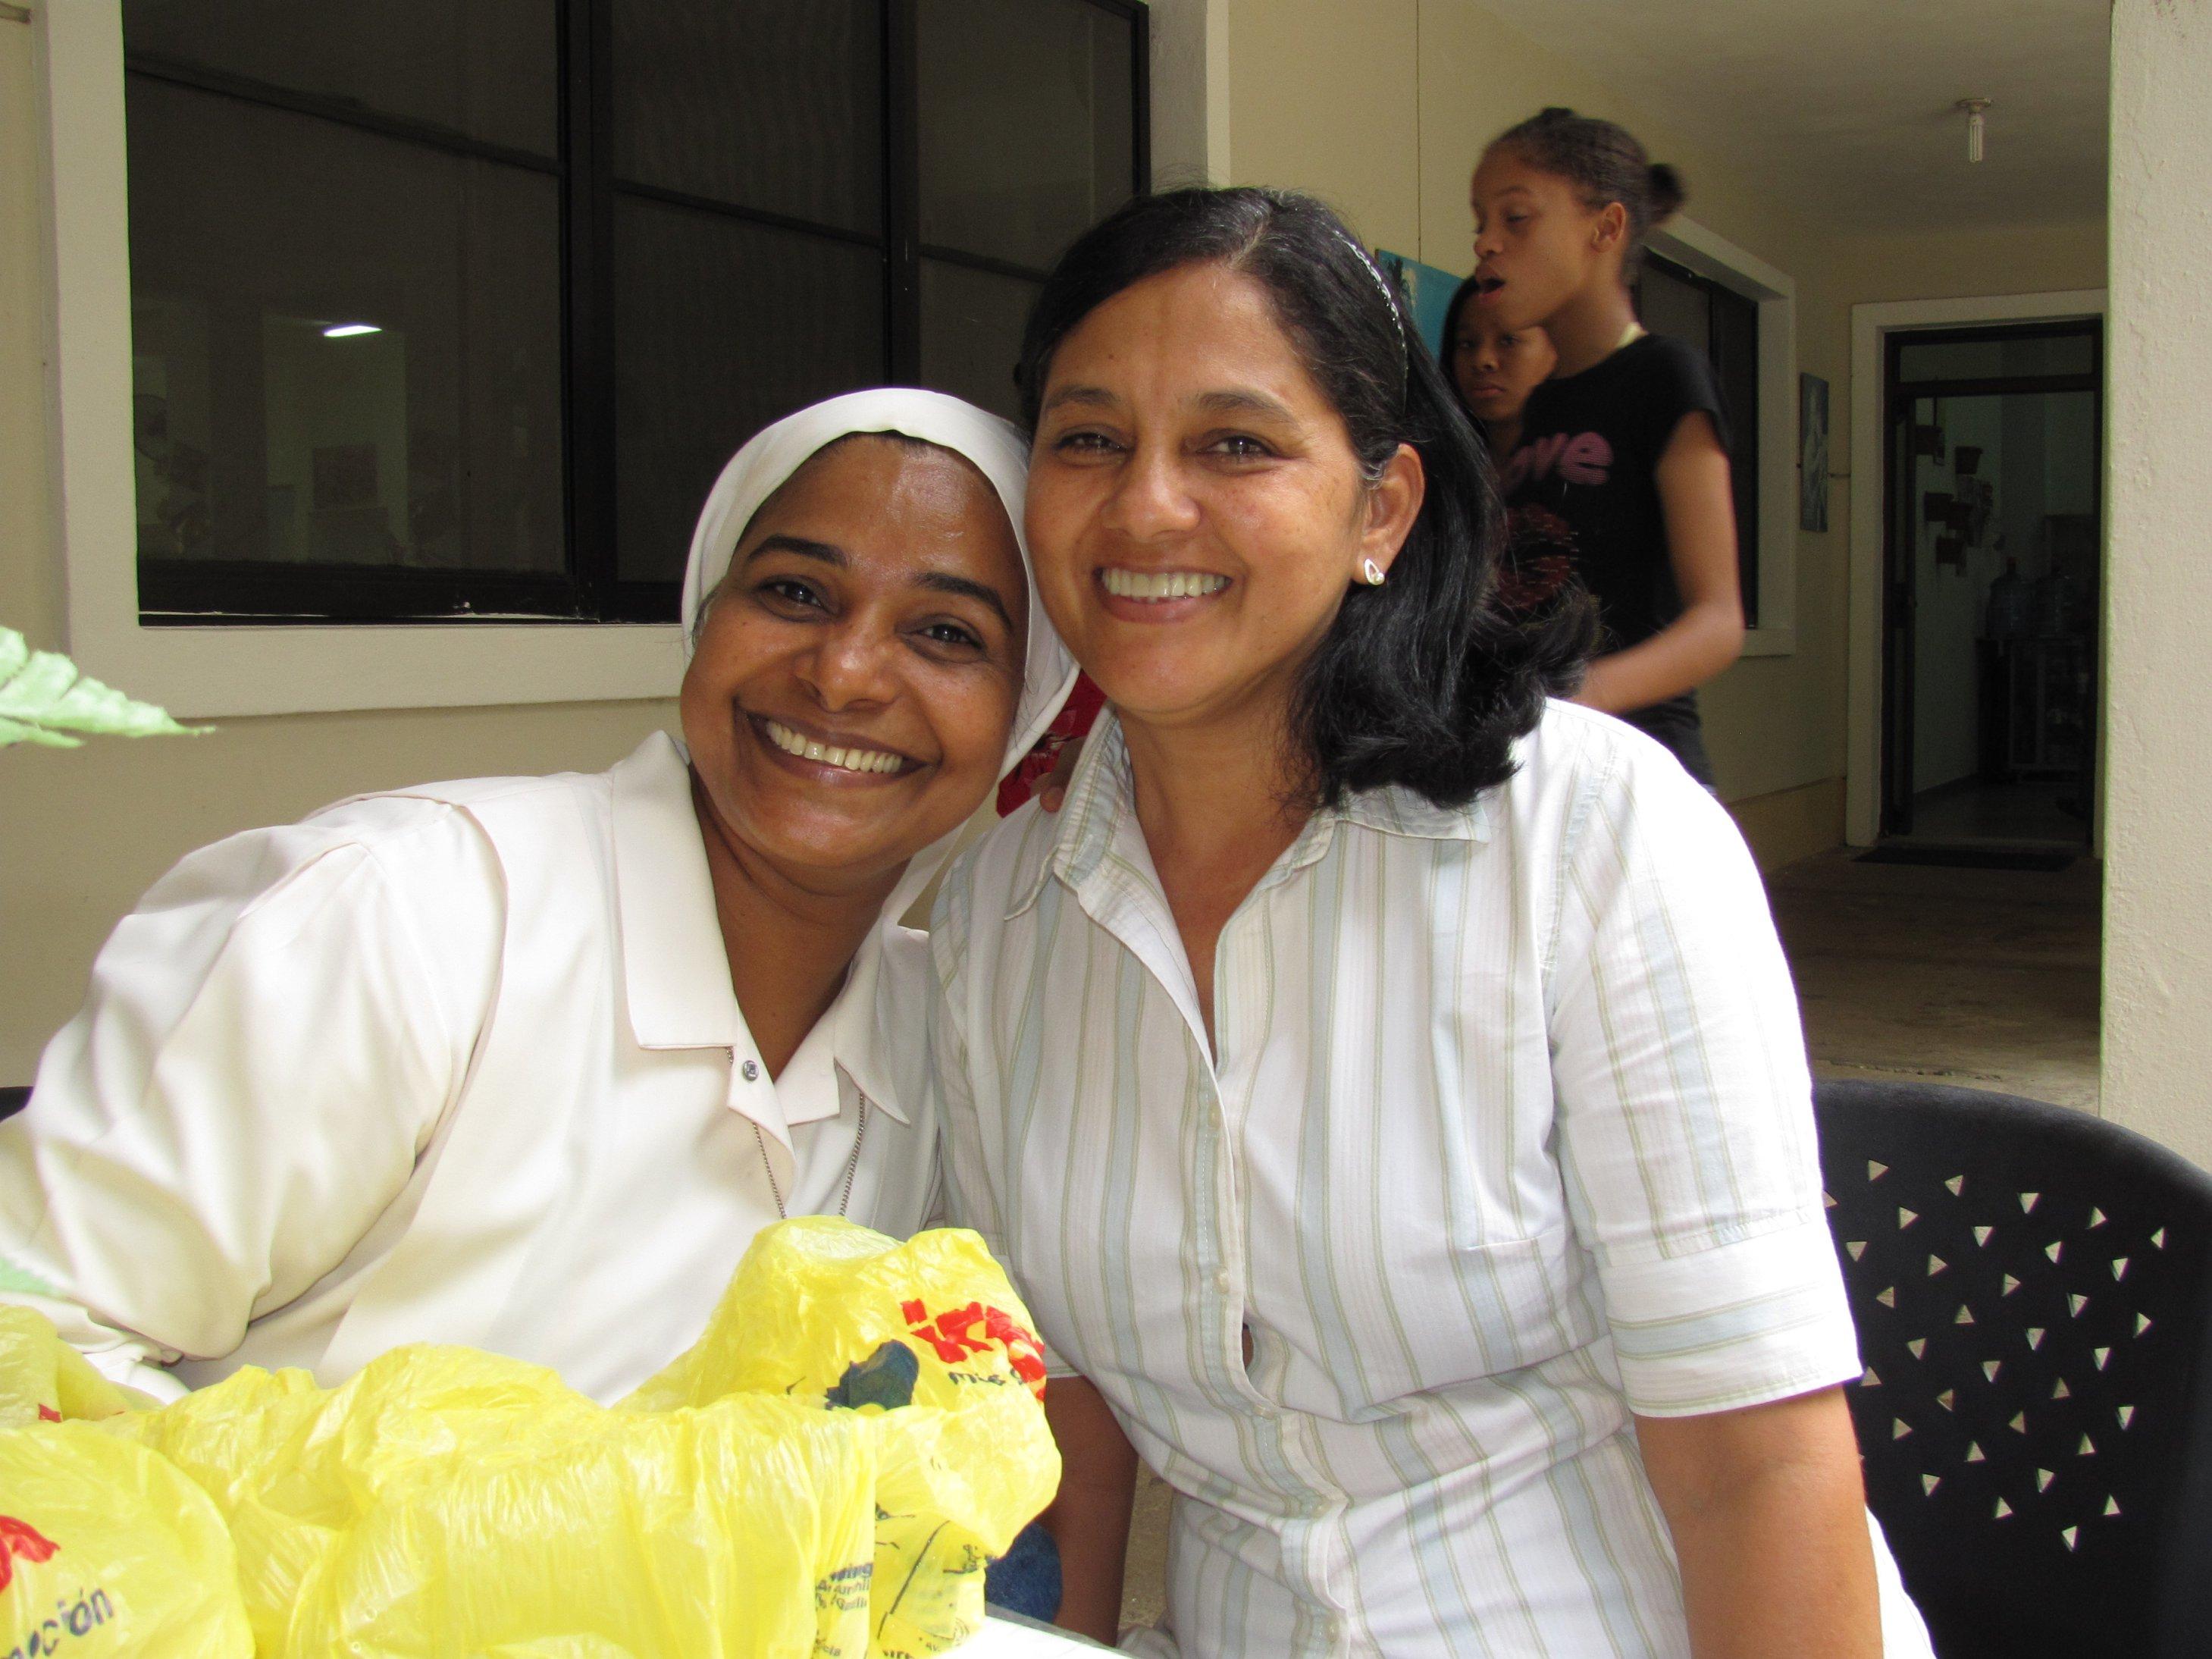 guaricano_convivencia_2012-06-24-13-38-52